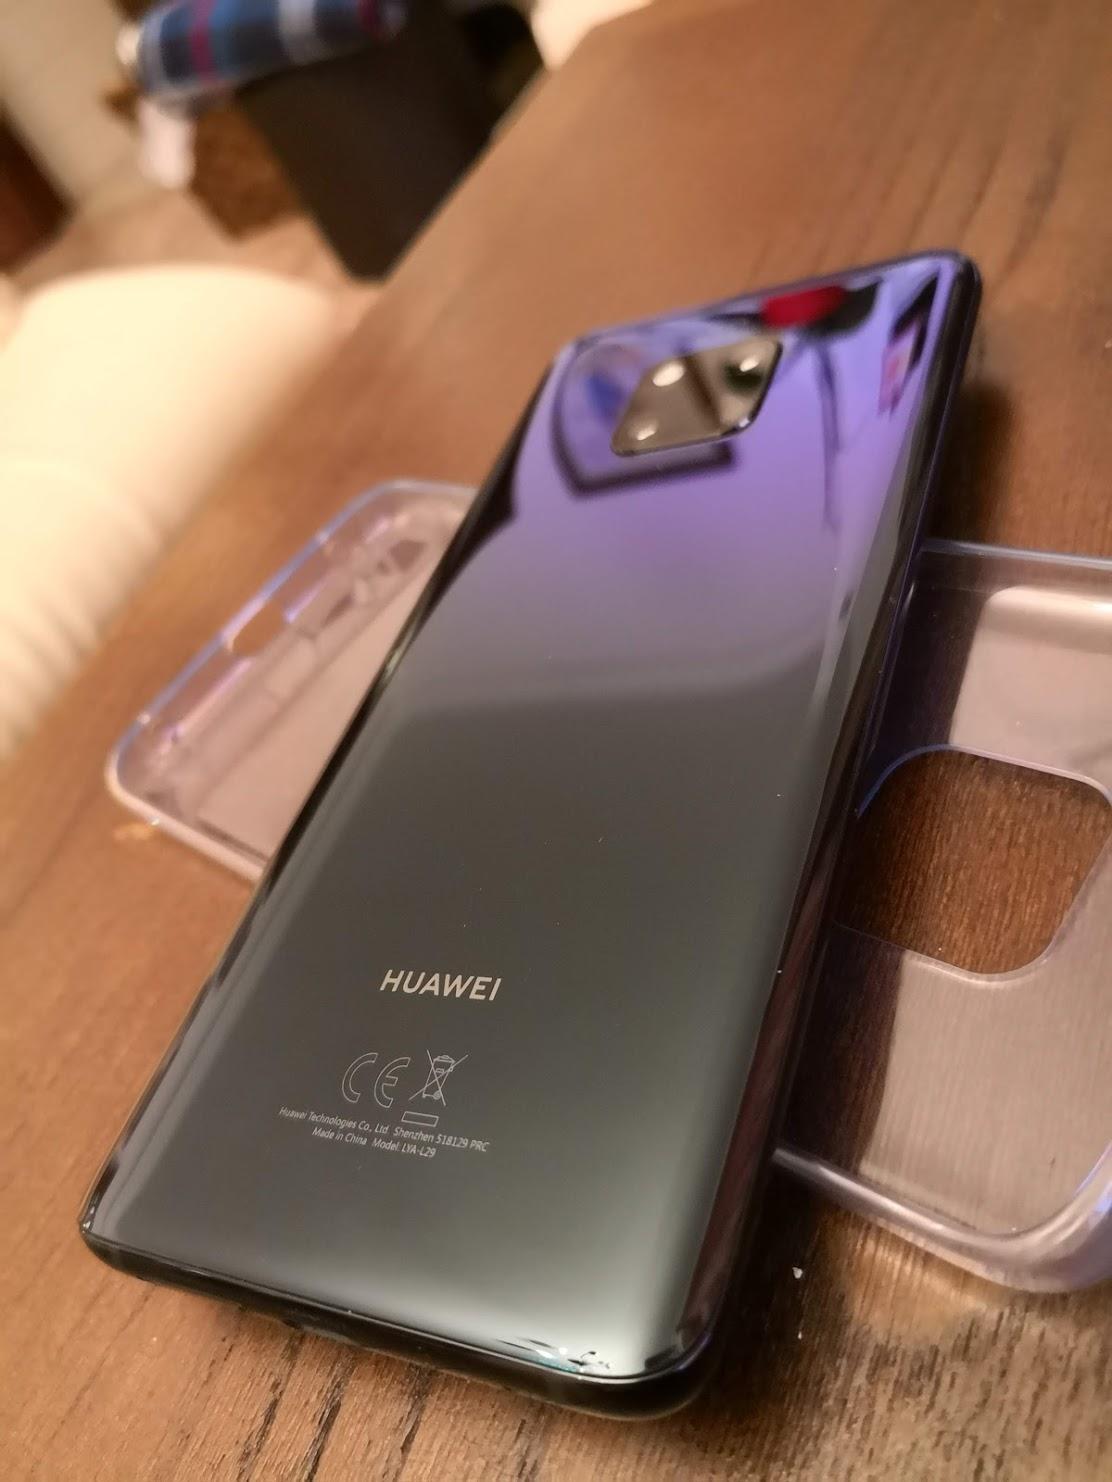 Alın Note 10+ və ya Huawei Mate 30 Pro gözləyin? 1